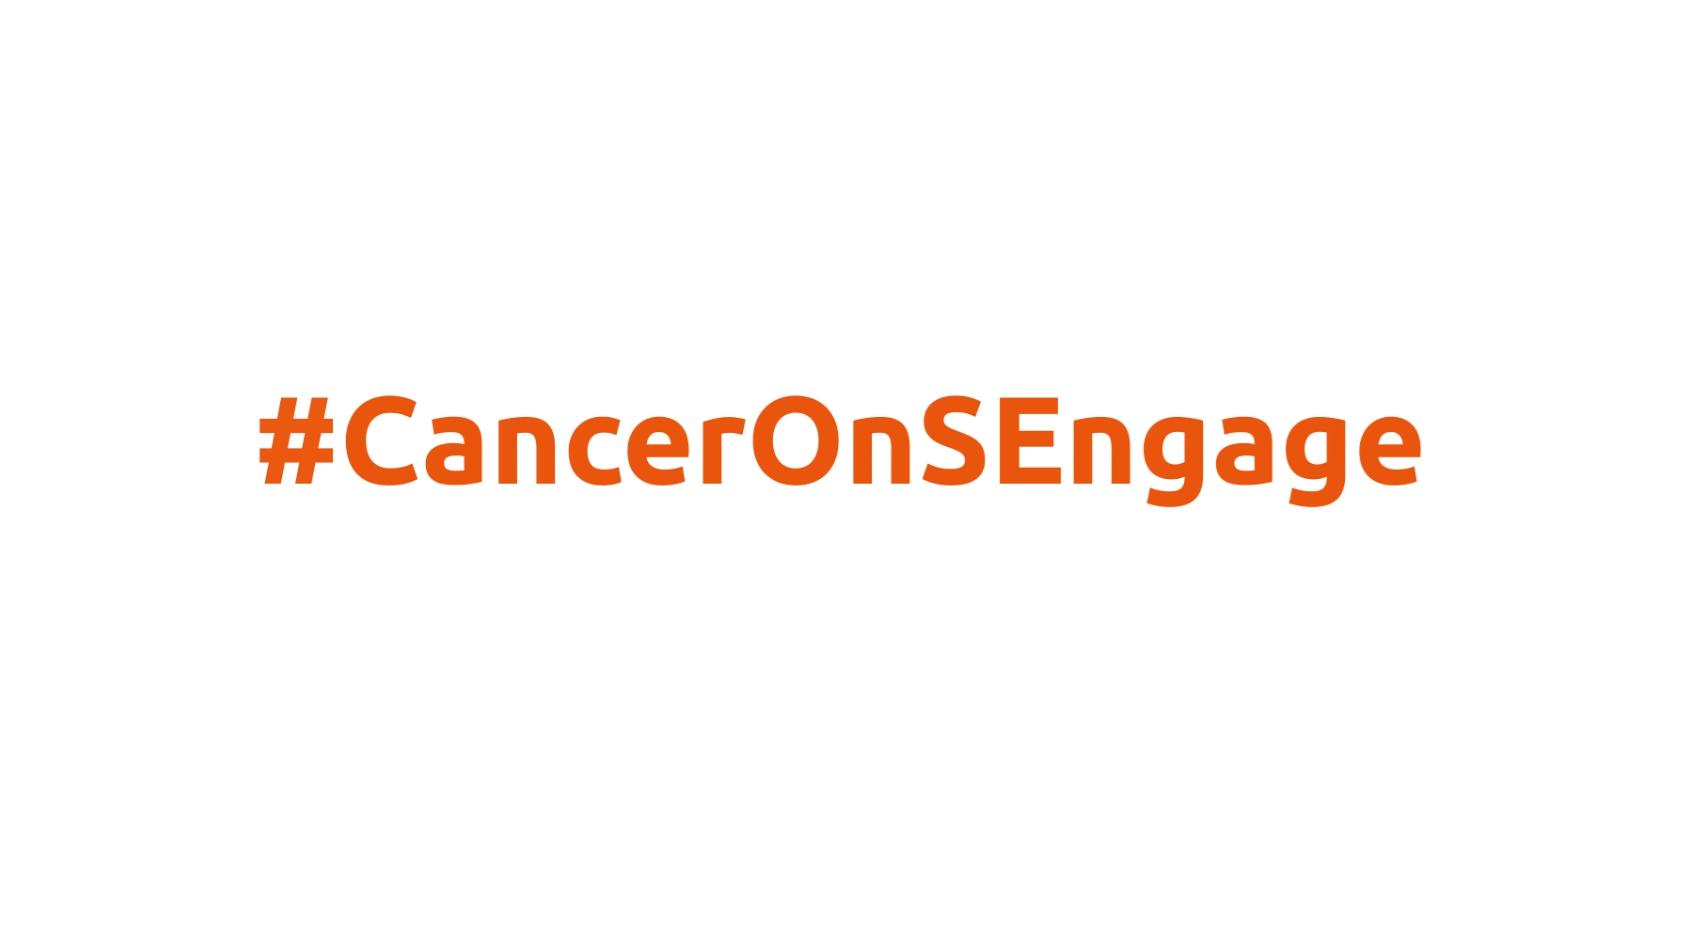 #CancerOnSEngage